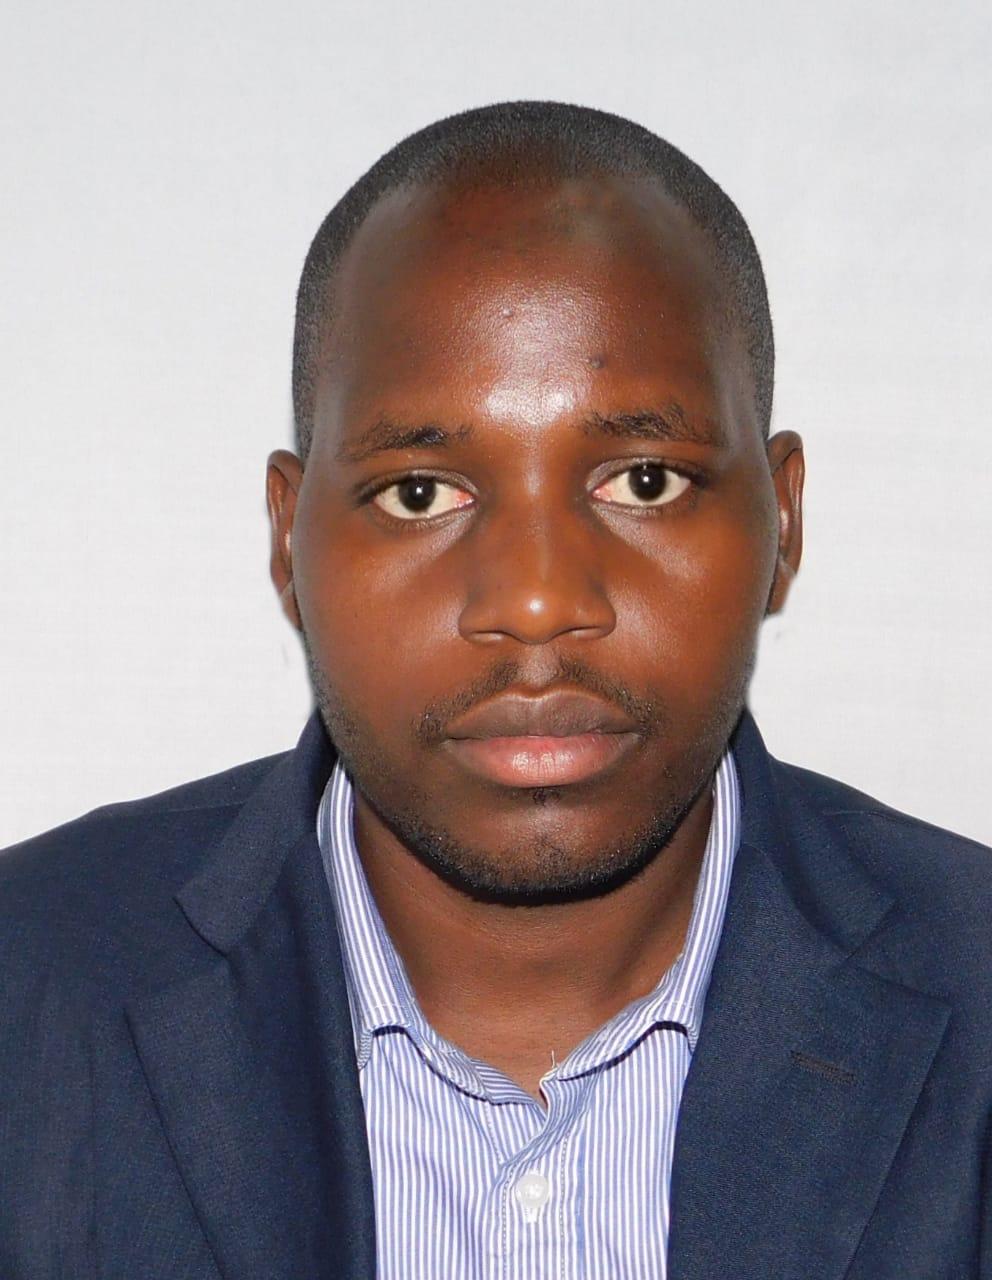 John Mburu